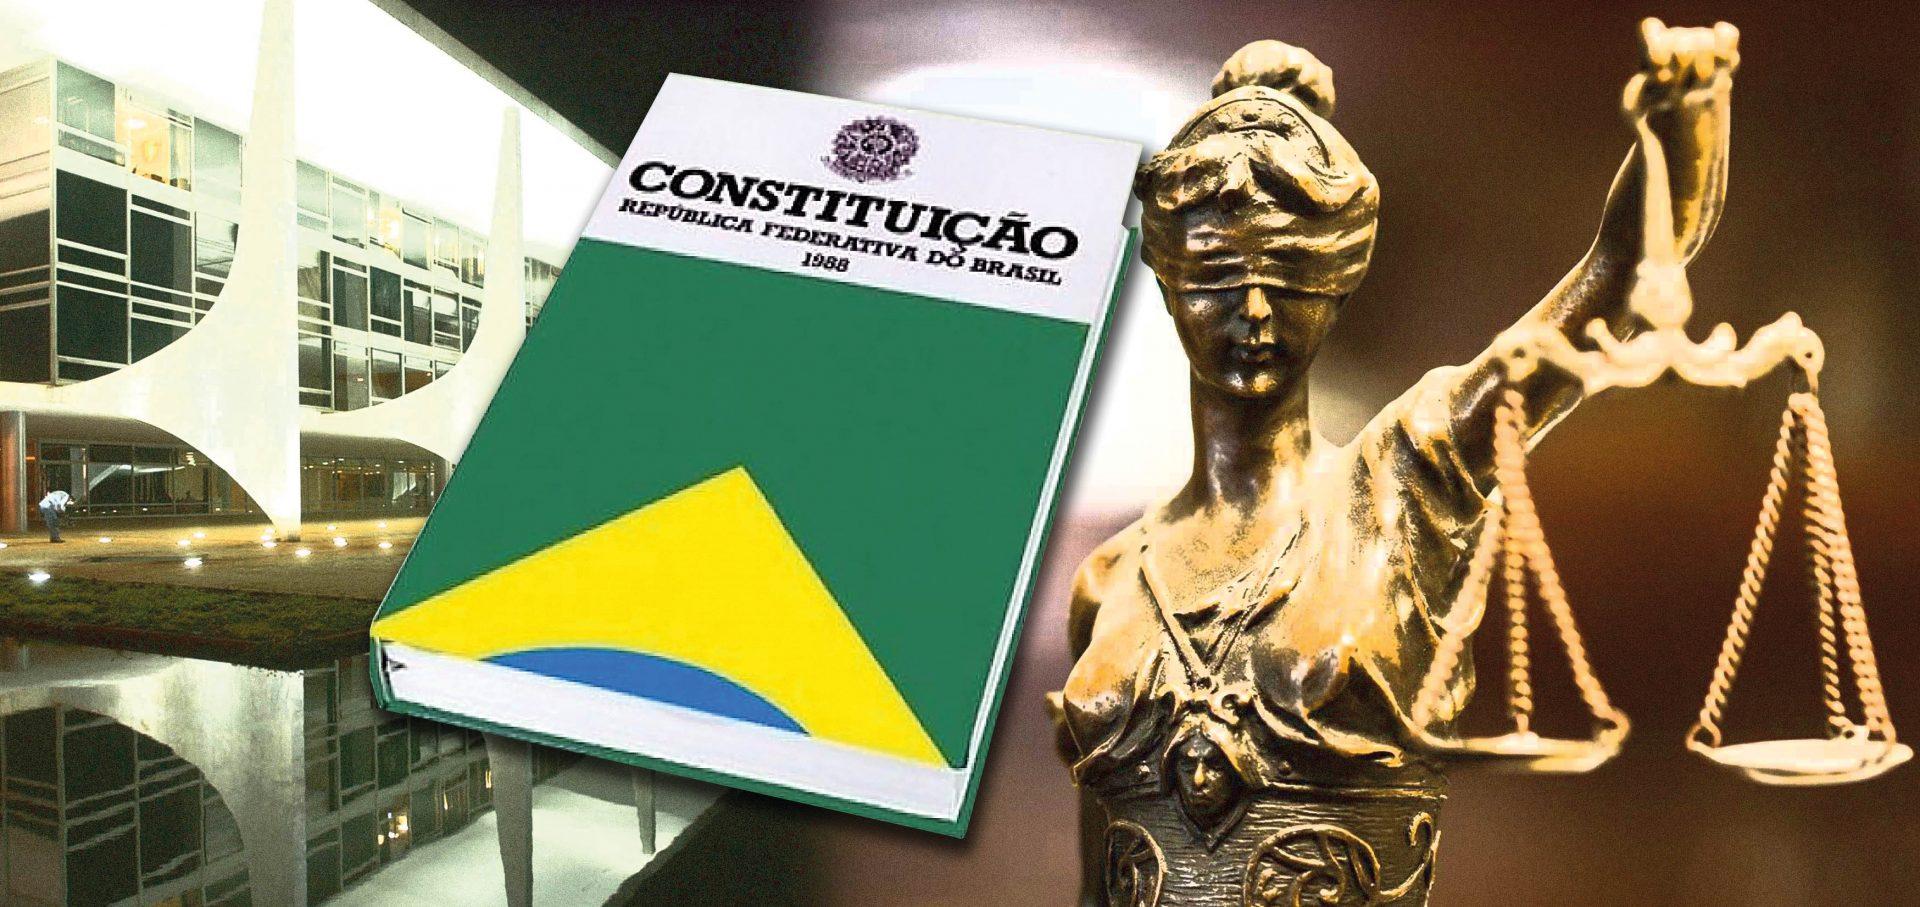 CIDADANIA SUSTENTA NO STF QUE LSN É INCOMPATÍVEL COM A CONSTITUIÇÃO DE 88